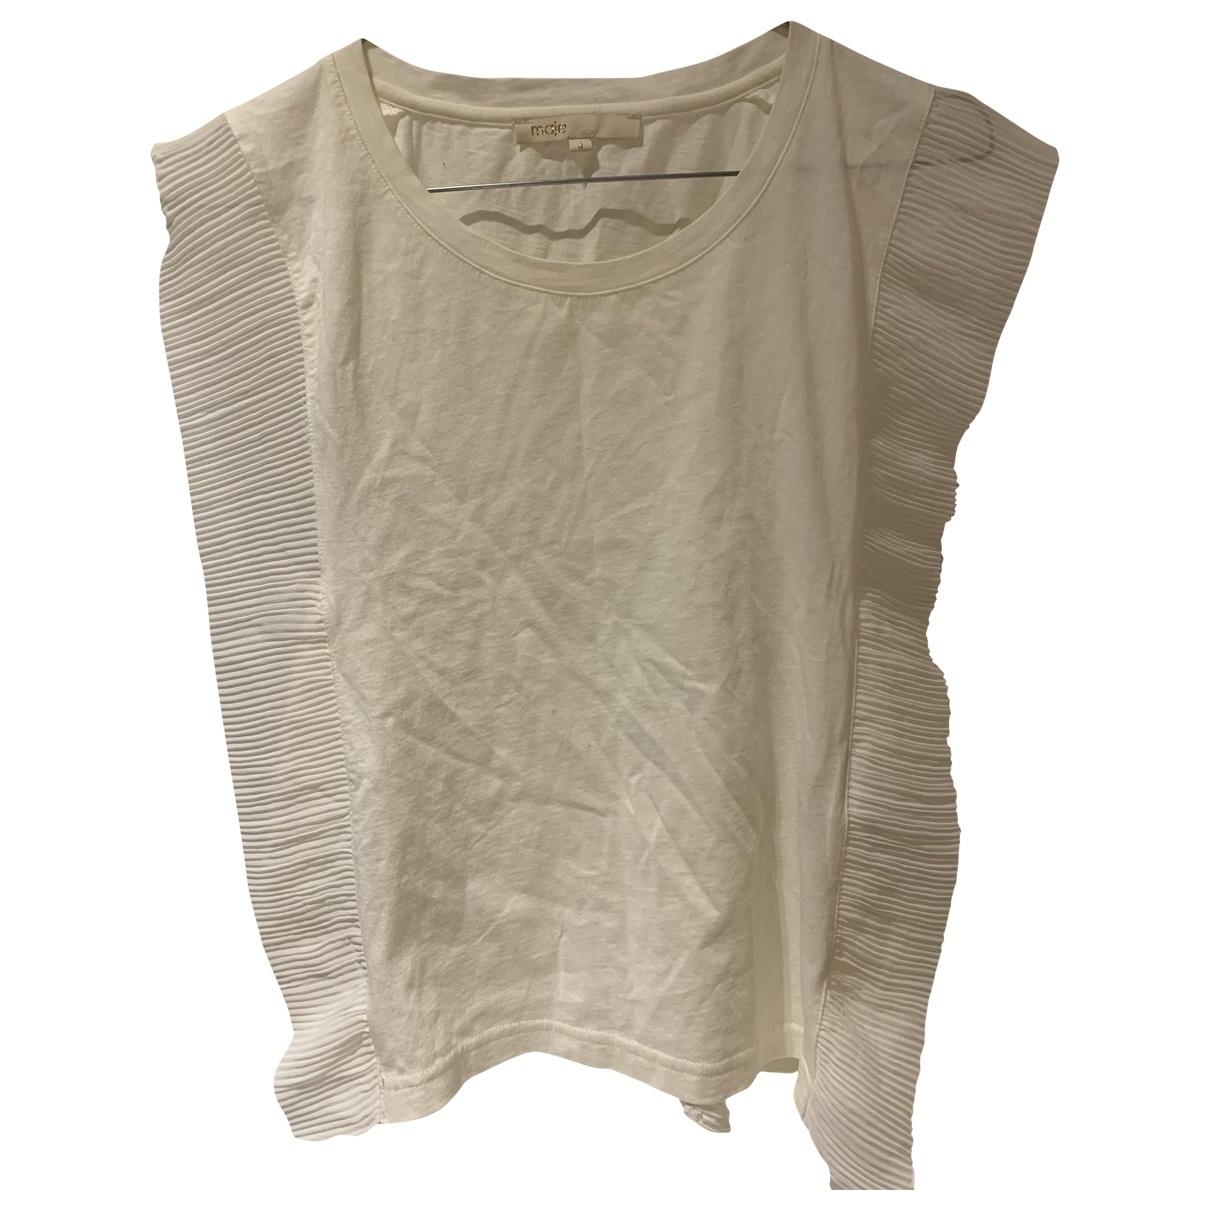 Maje - Top   pour femme en coton - beige